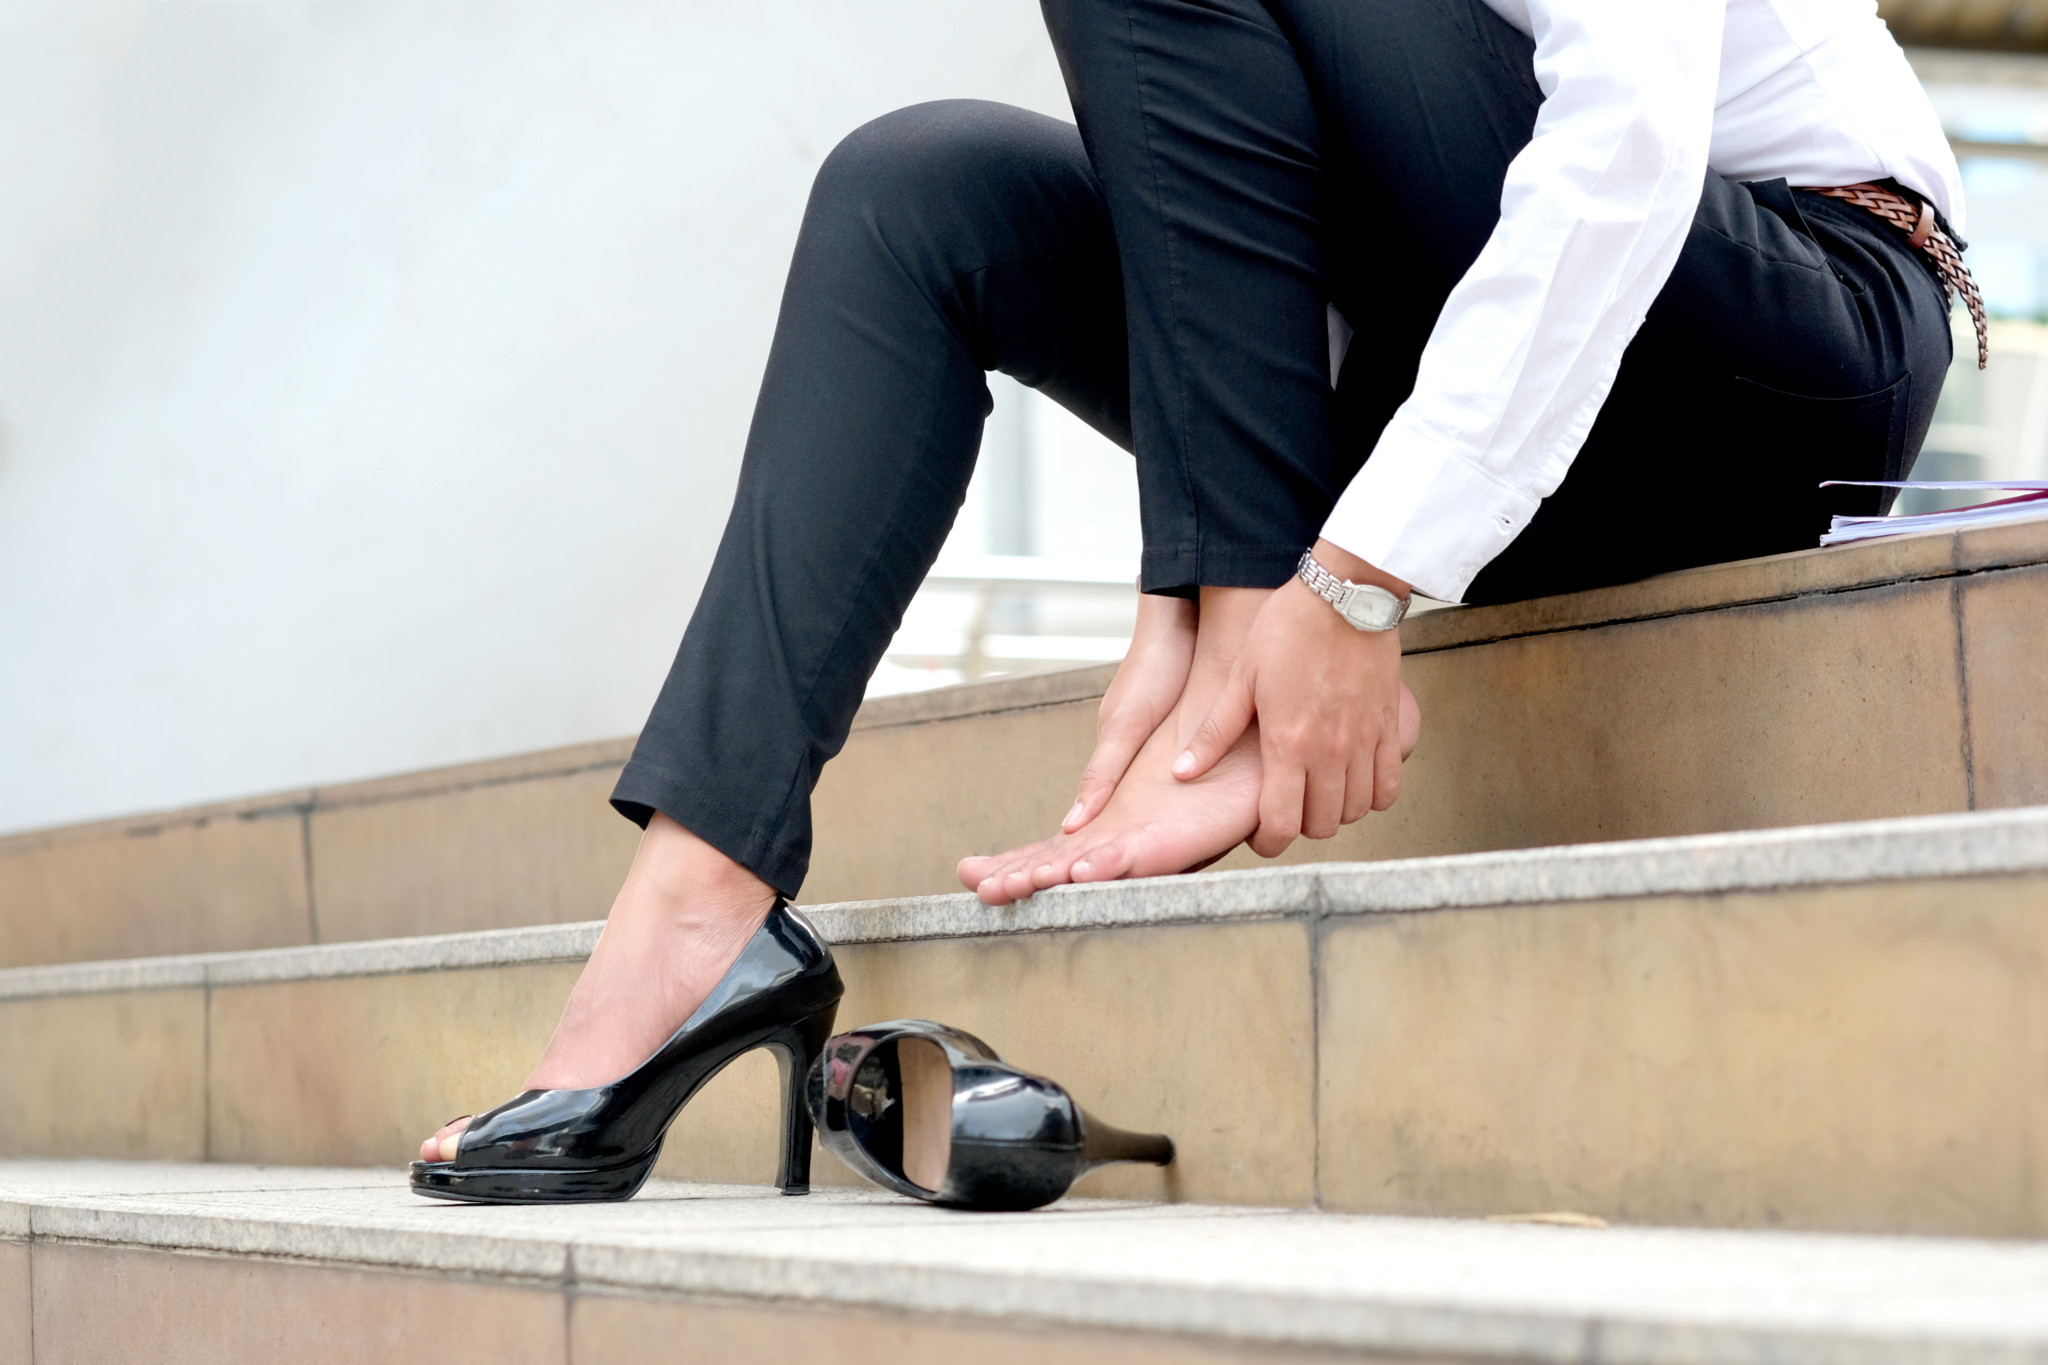 ママにとって避けたほうがいい靴